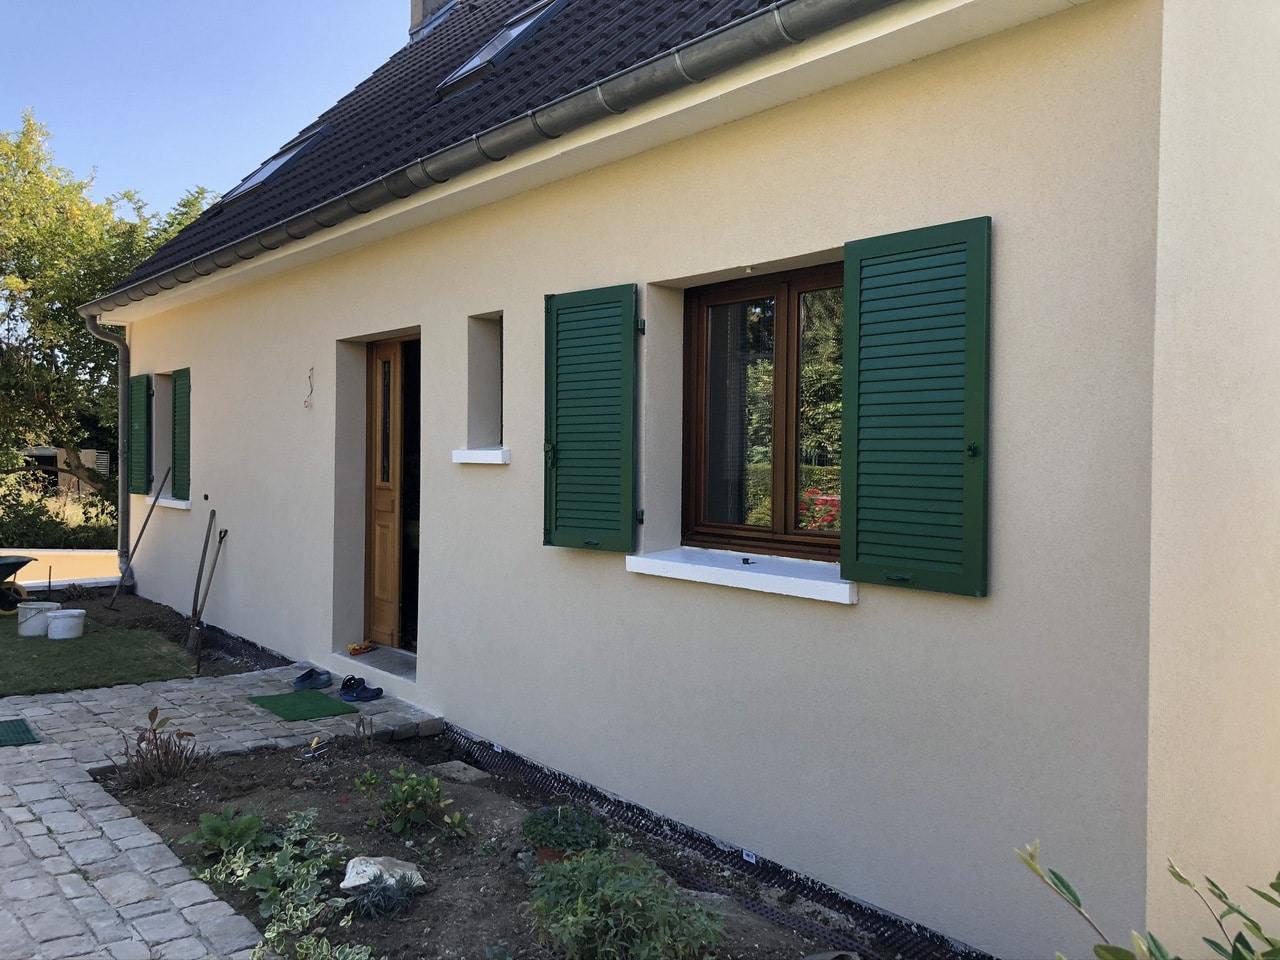 Ravalement de façade à Thorigny-sur-Marne (77)